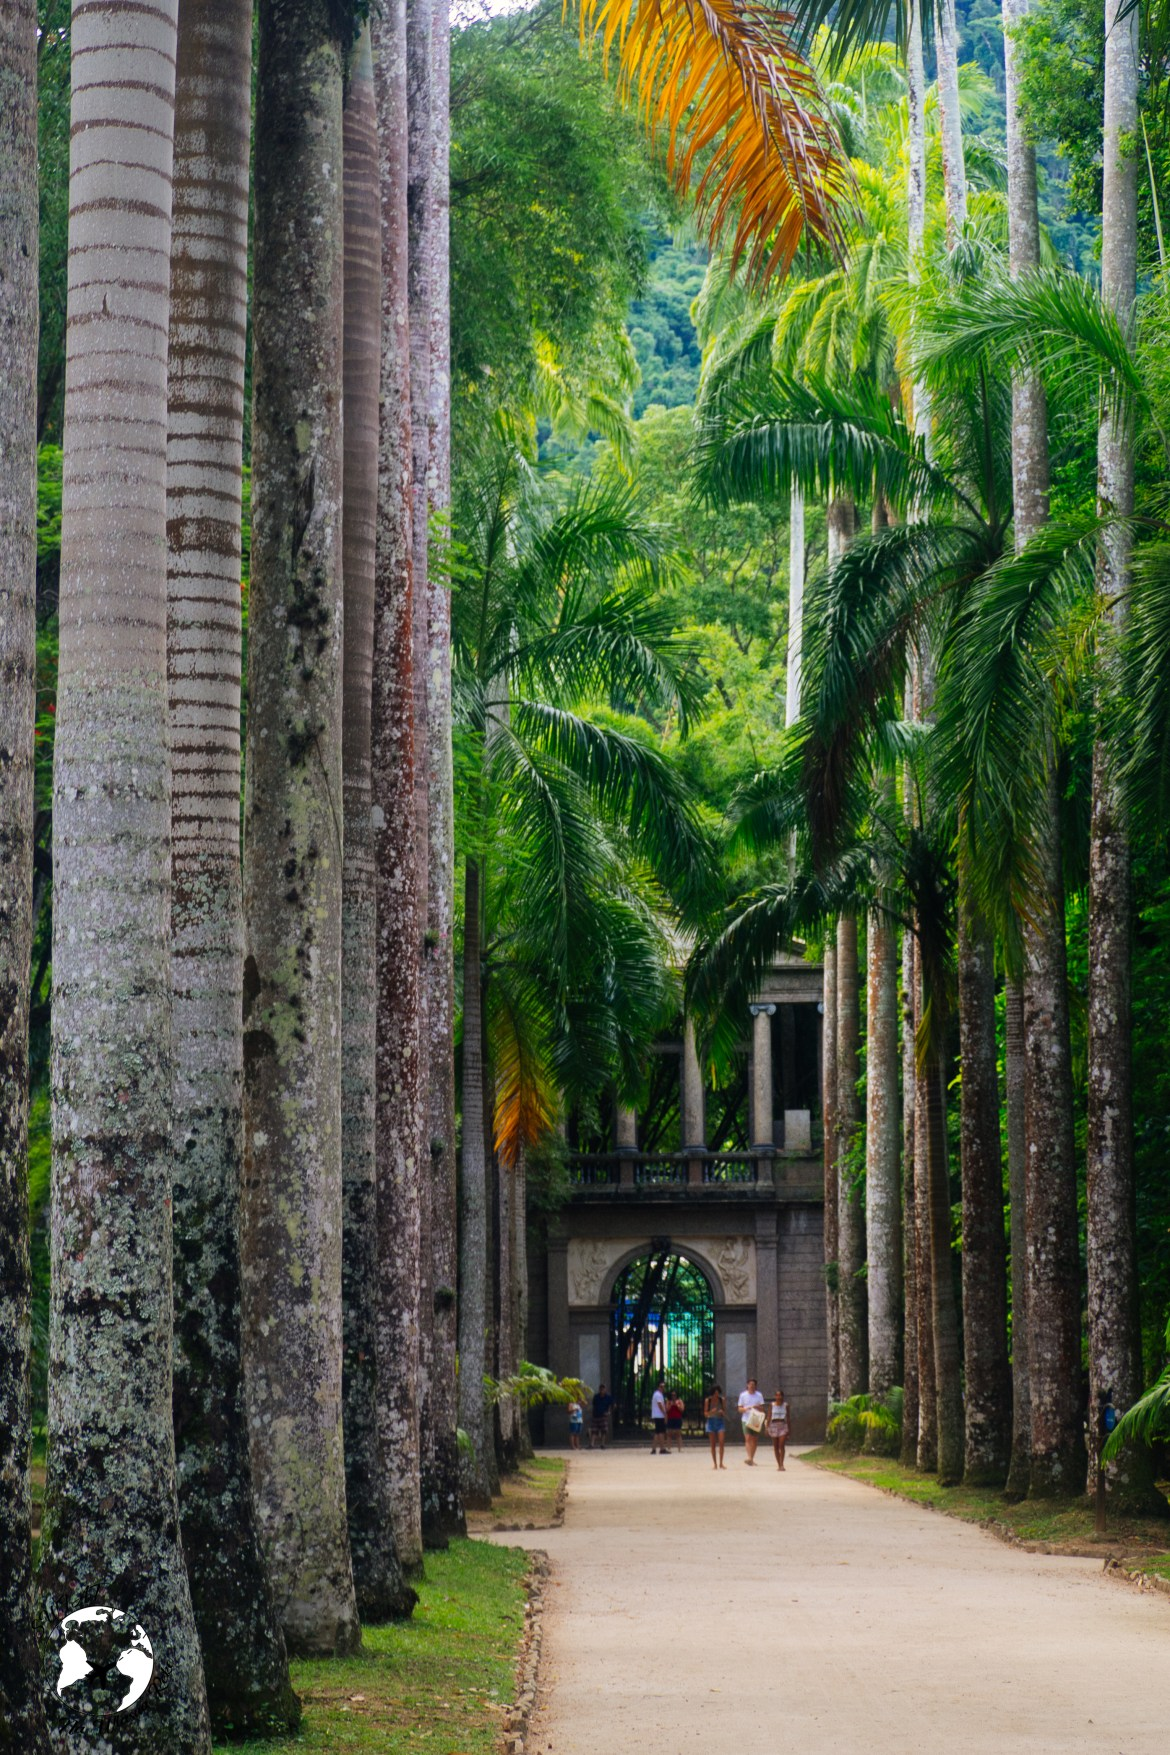 20190104  1040076 1 - Rio de Janeiro - wybitne połączenie miejskości i natury